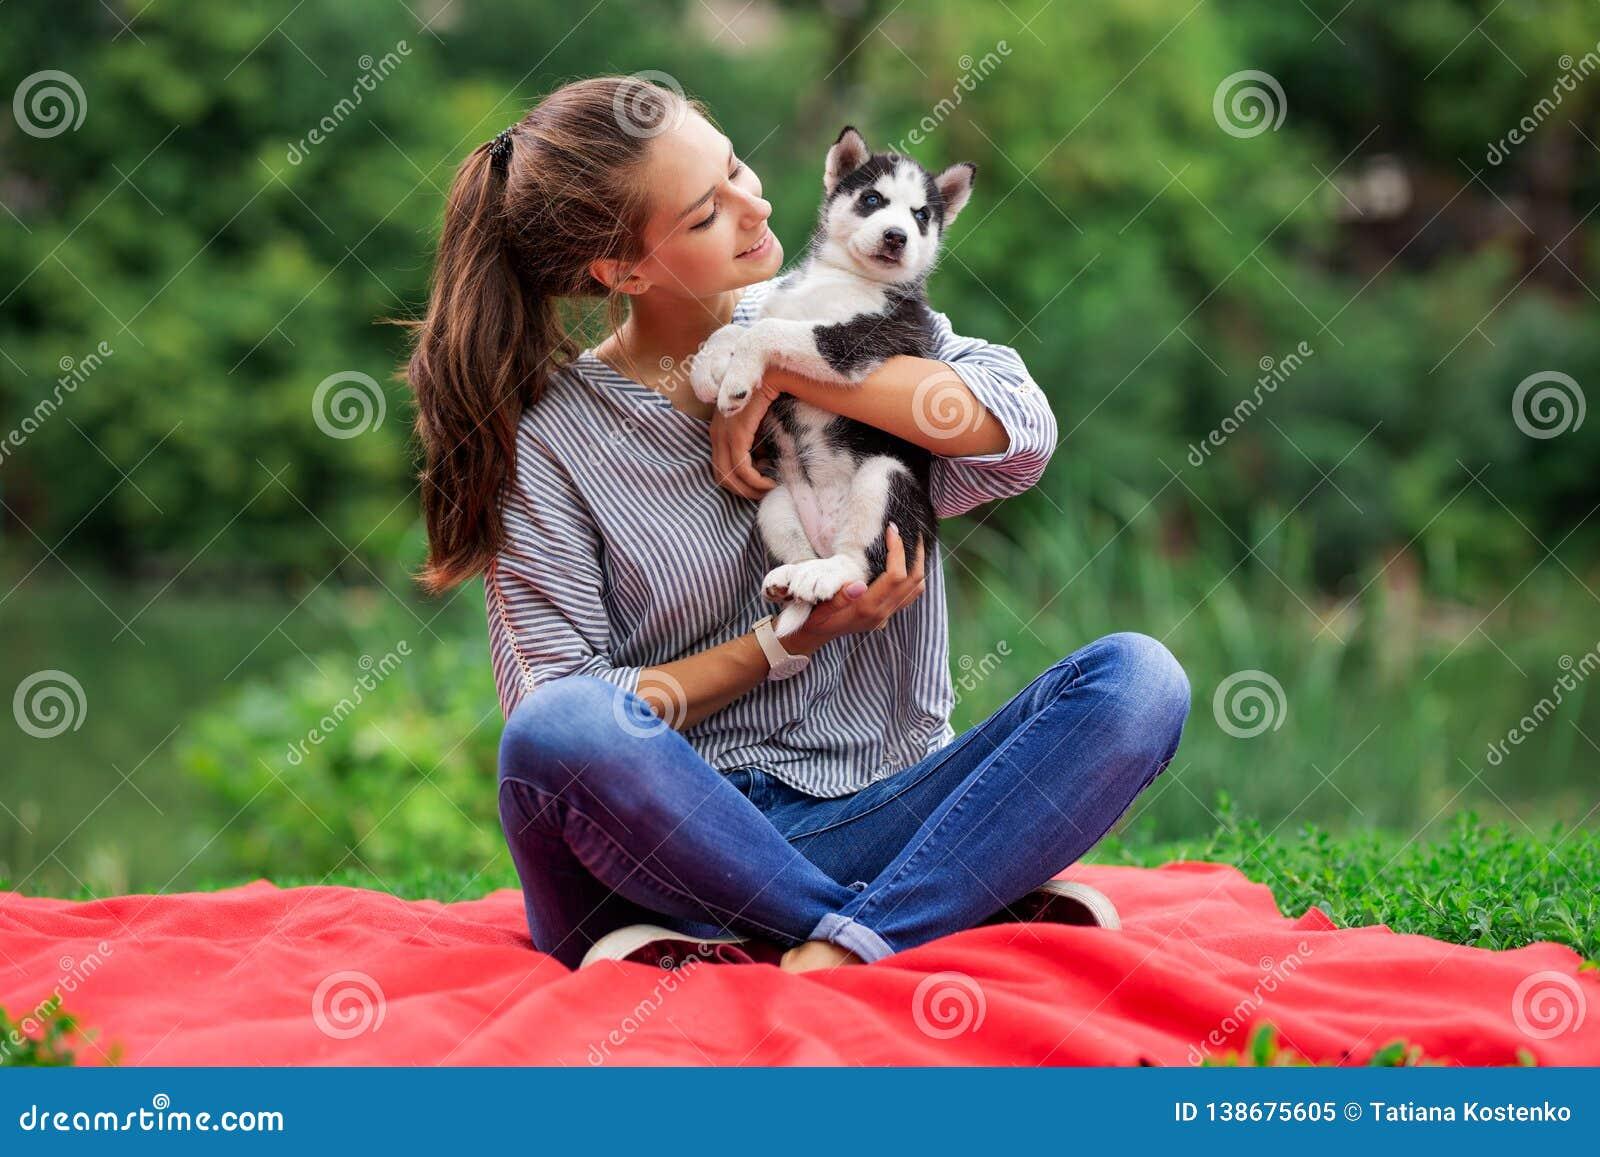 Piękna uśmiechnięta kobieta odpoczywająca z ponytail i być ubranym pasiastą koszula cuddling z słodkim łuskowatym szczeniakiem po